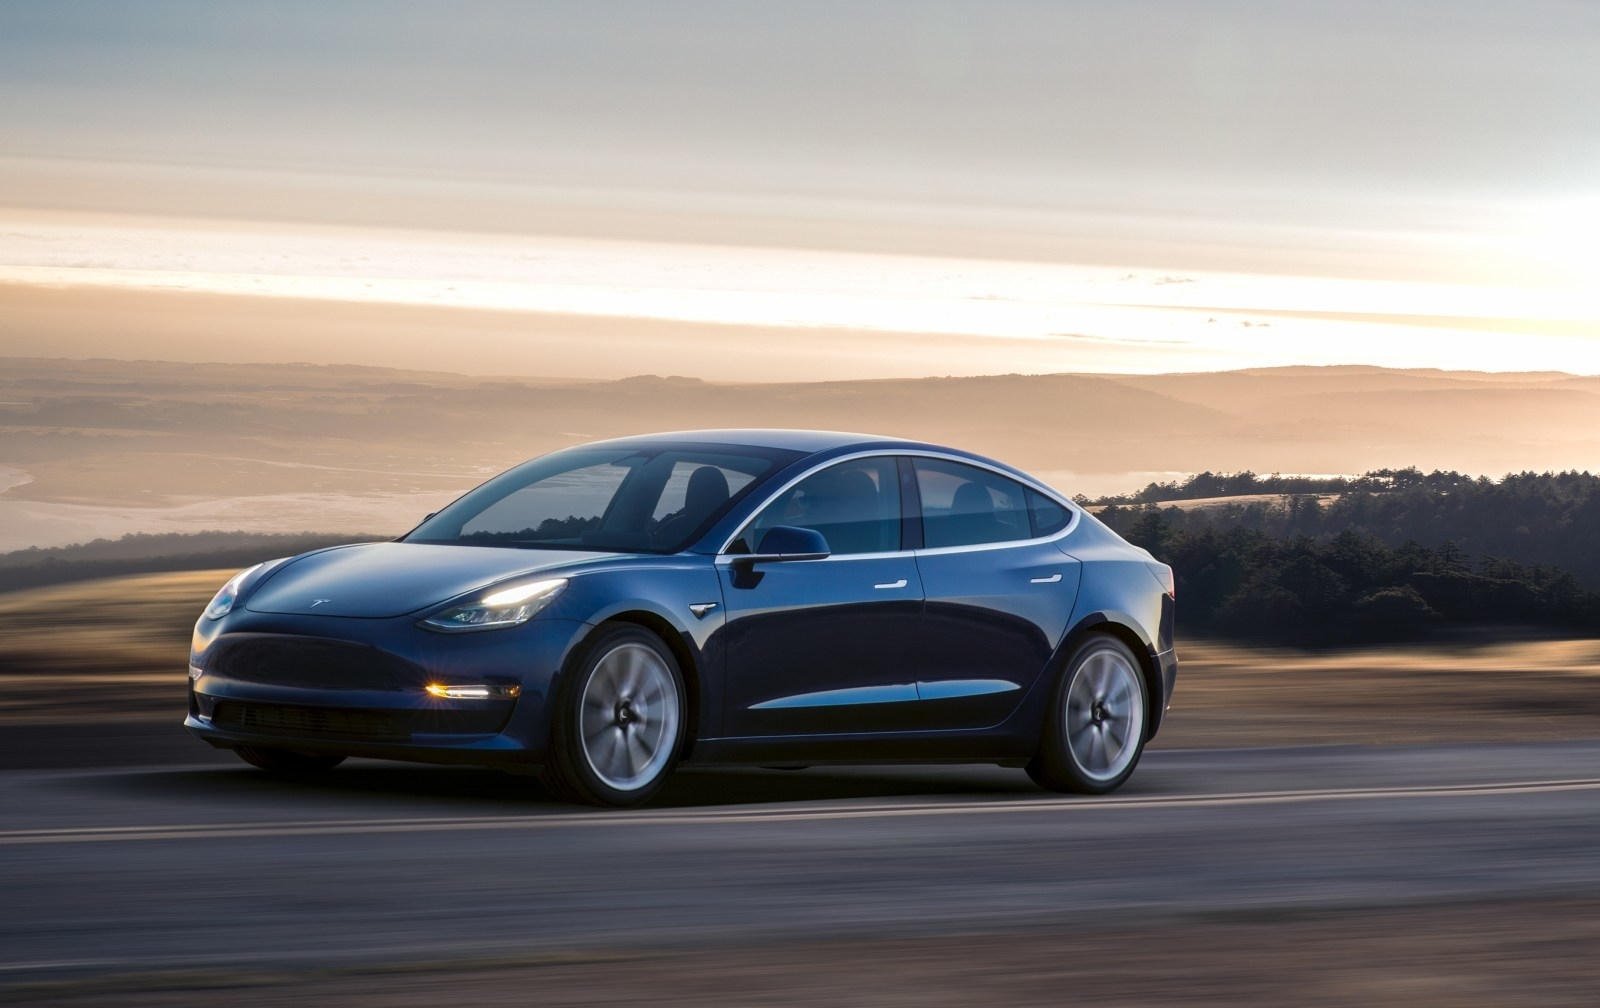 """97212edf4b3 O Tesla Model 3 é um veículo para a gama média mas a """"fugir"""" para a gama  alta. Tem sido recebido com algum entusiasmo mas a falta de algumas ..."""